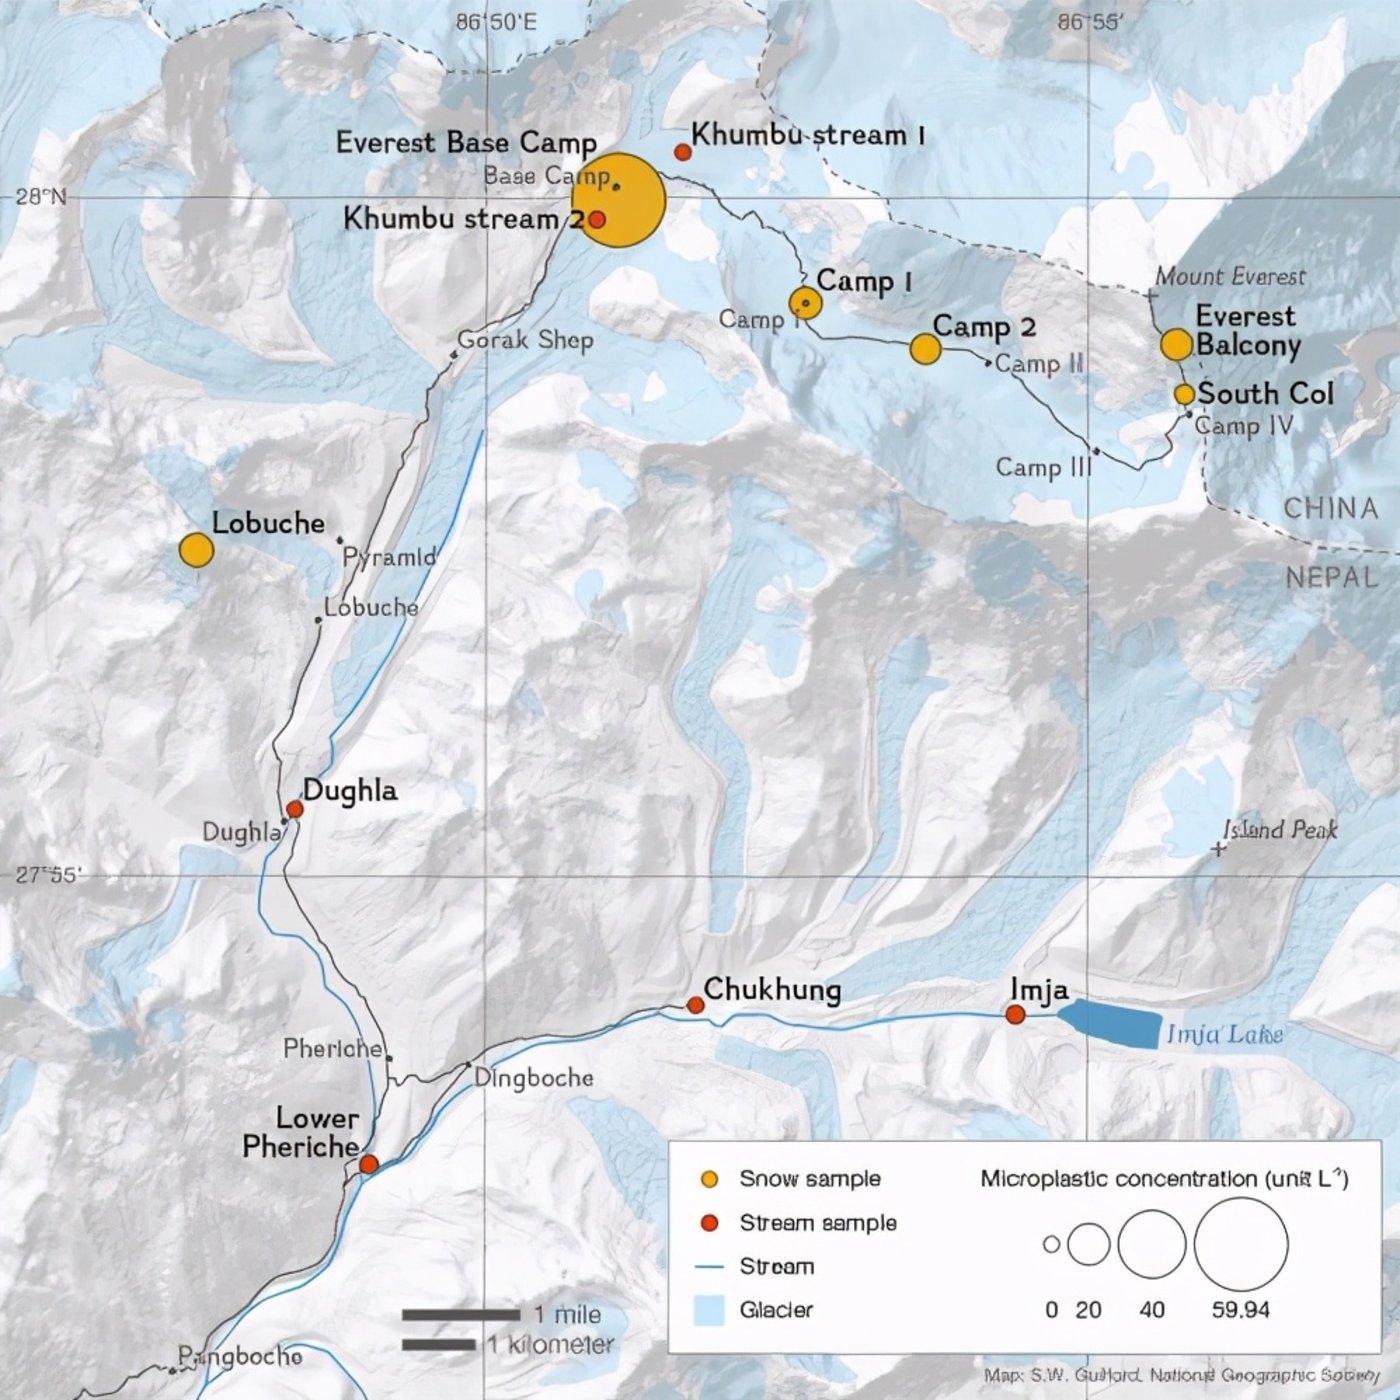 图 | 珠穆朗玛峰上的微塑料样本采集地点地图(来源:One Earth)